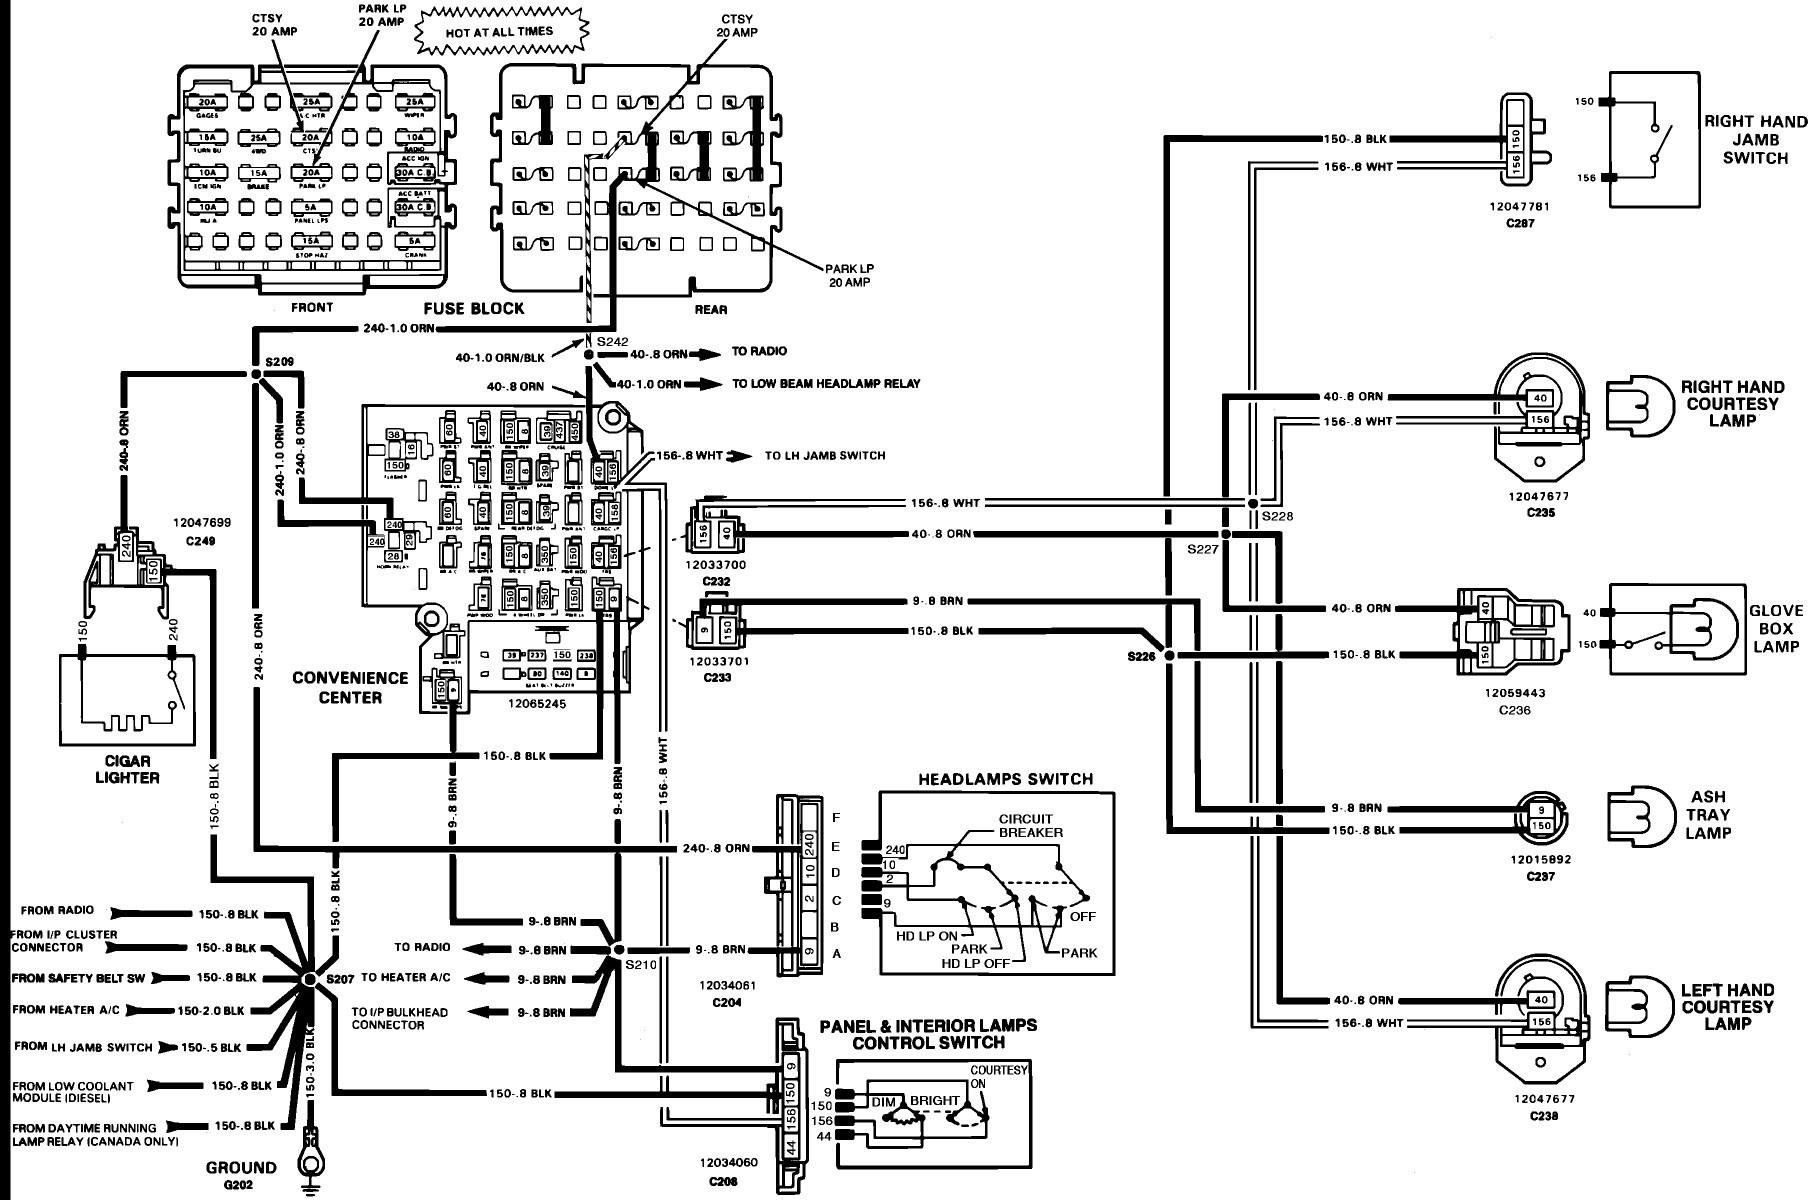 4 3 Vortec Engine Diagram 2 91 S10 Wiring Diagram Pdf Layout Wiring Diagrams • Of 4 3 Vortec Engine Diagram 2